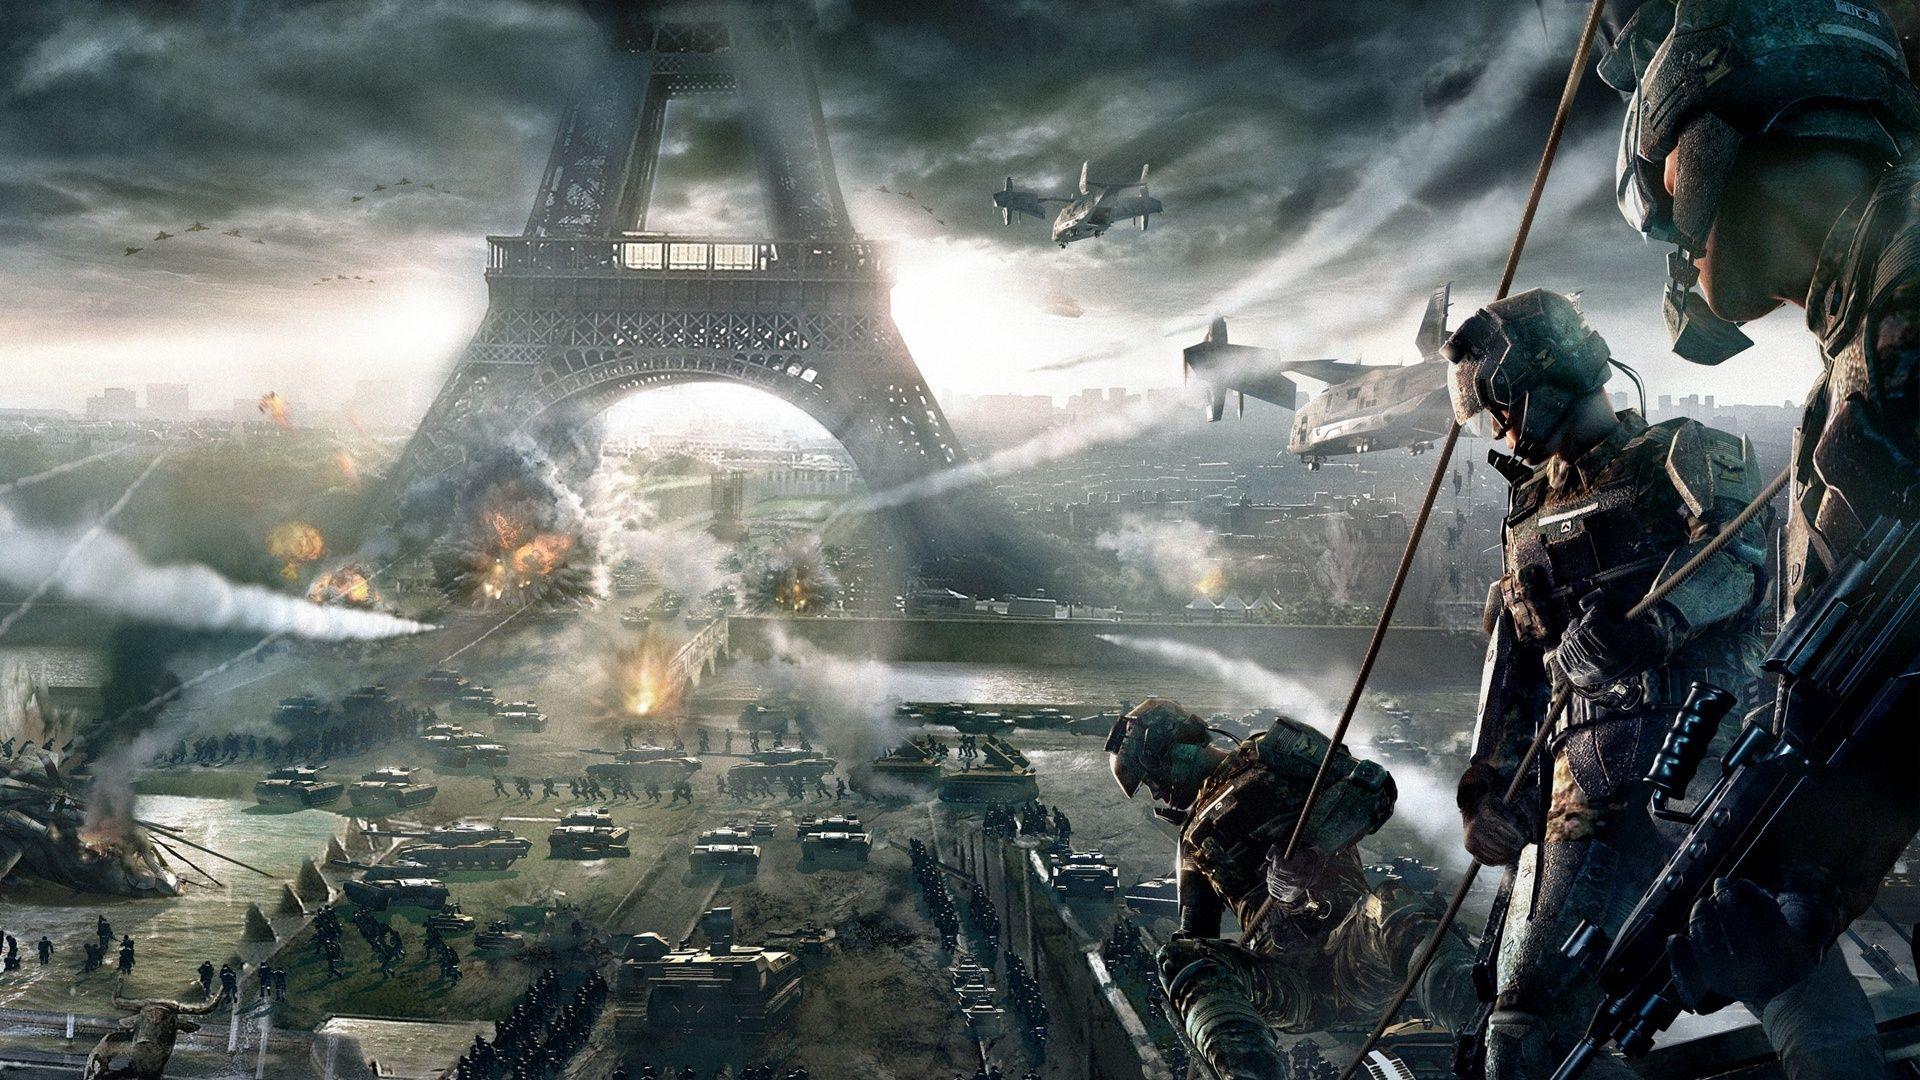 call of duty wallpaper - buscar con google | juegos | pinterest